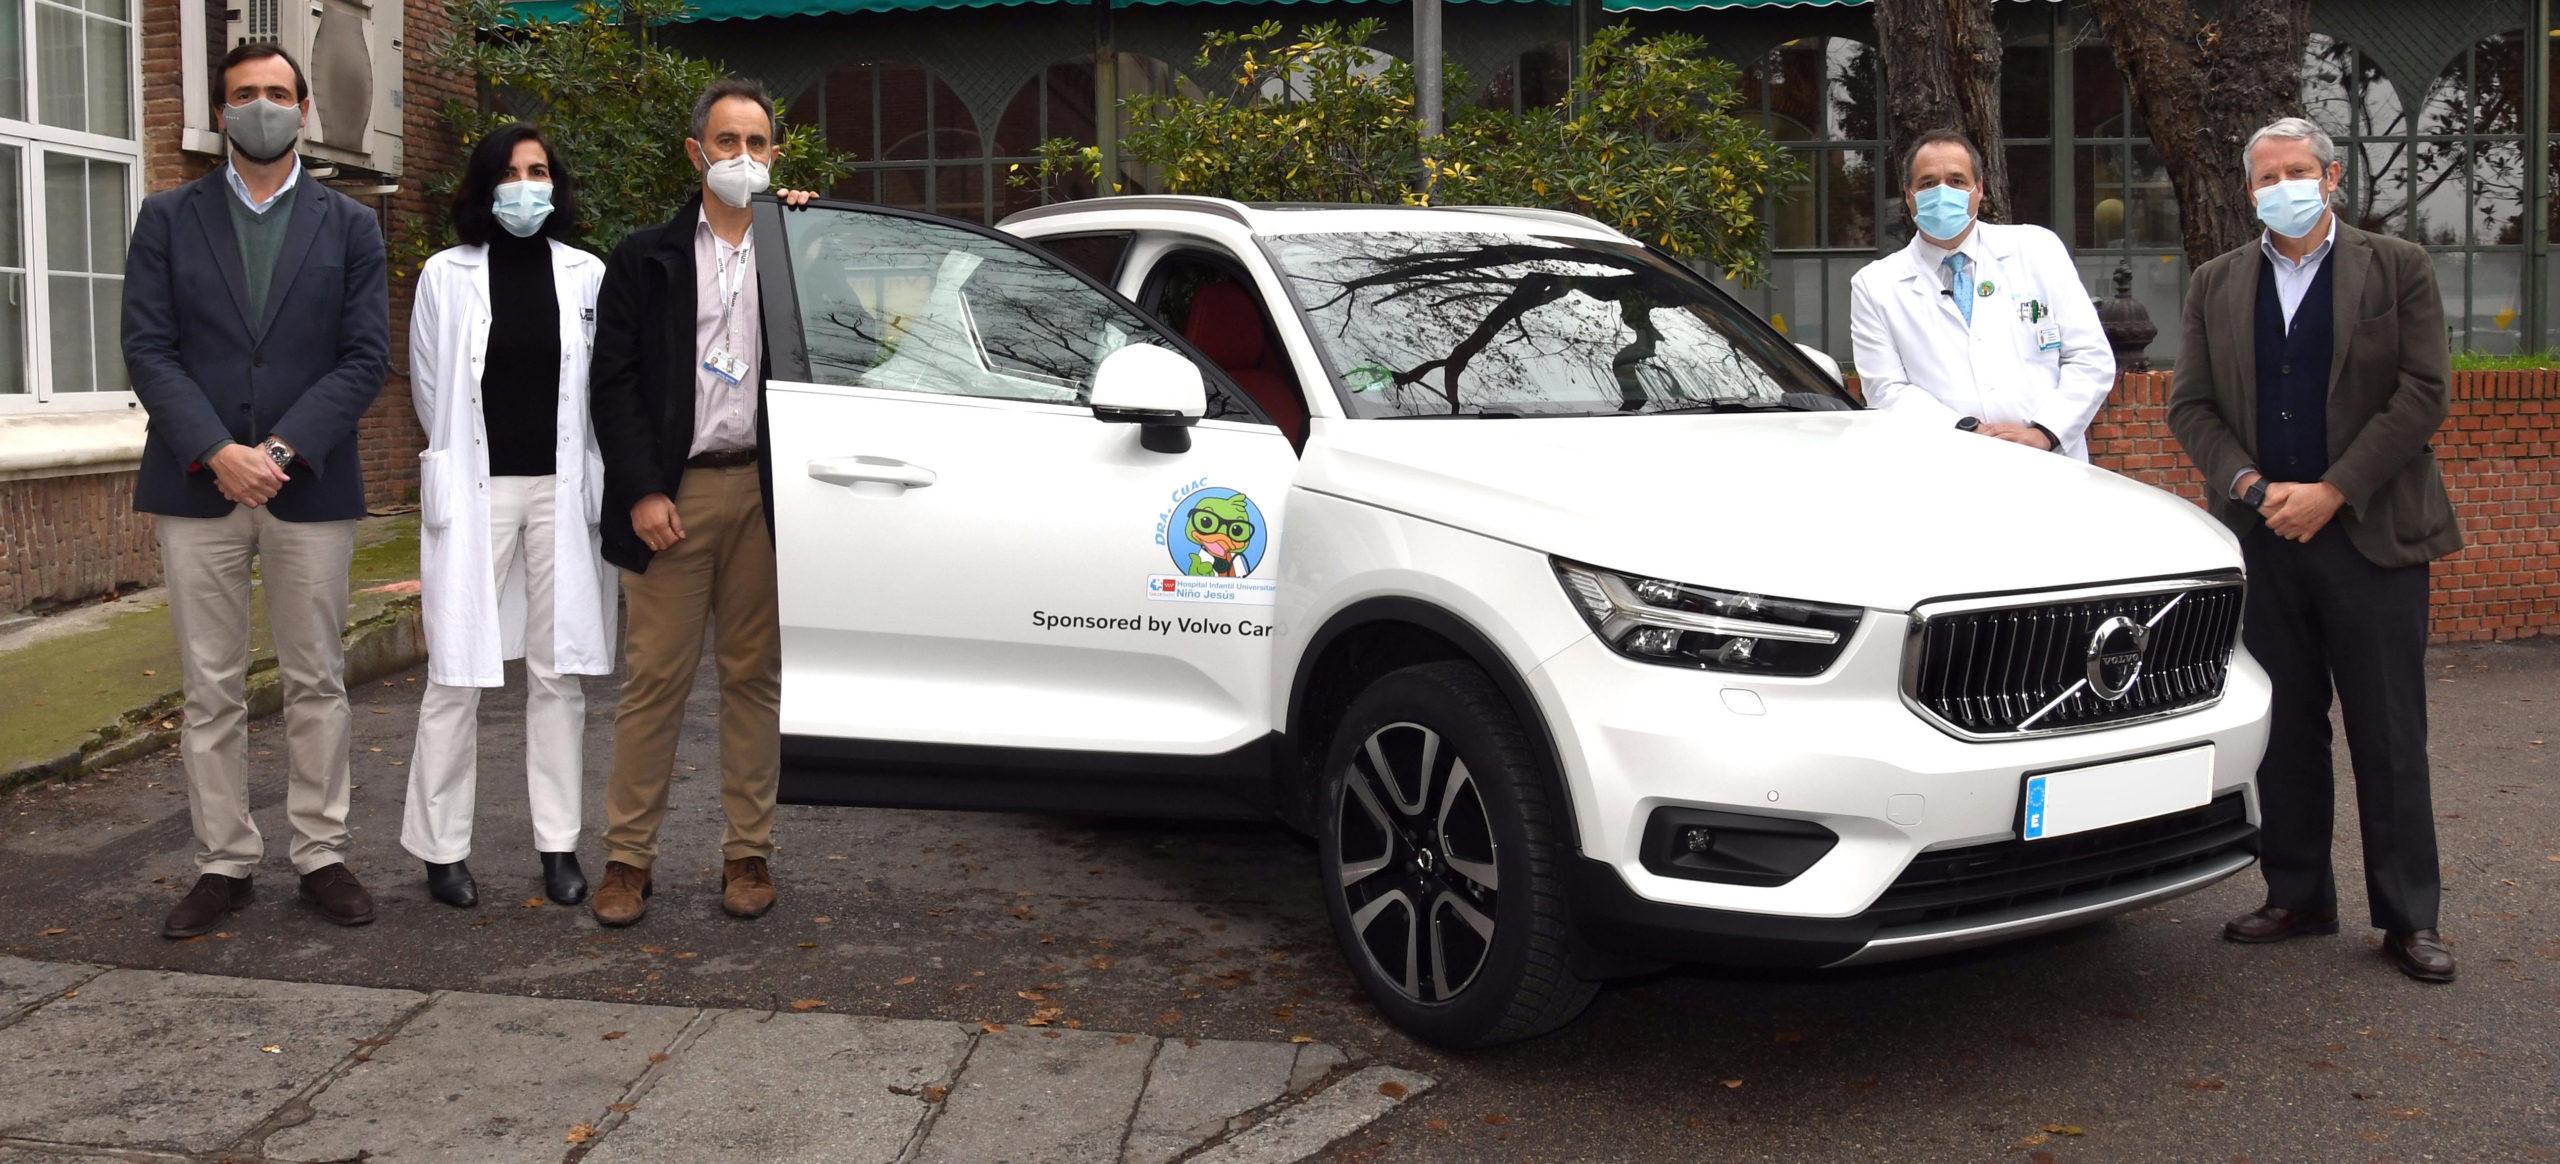 Volvo cede al Hospital Niño Jesús un Volvo XC40, para que los sanitarios realicen desplazamientos domiciliarios